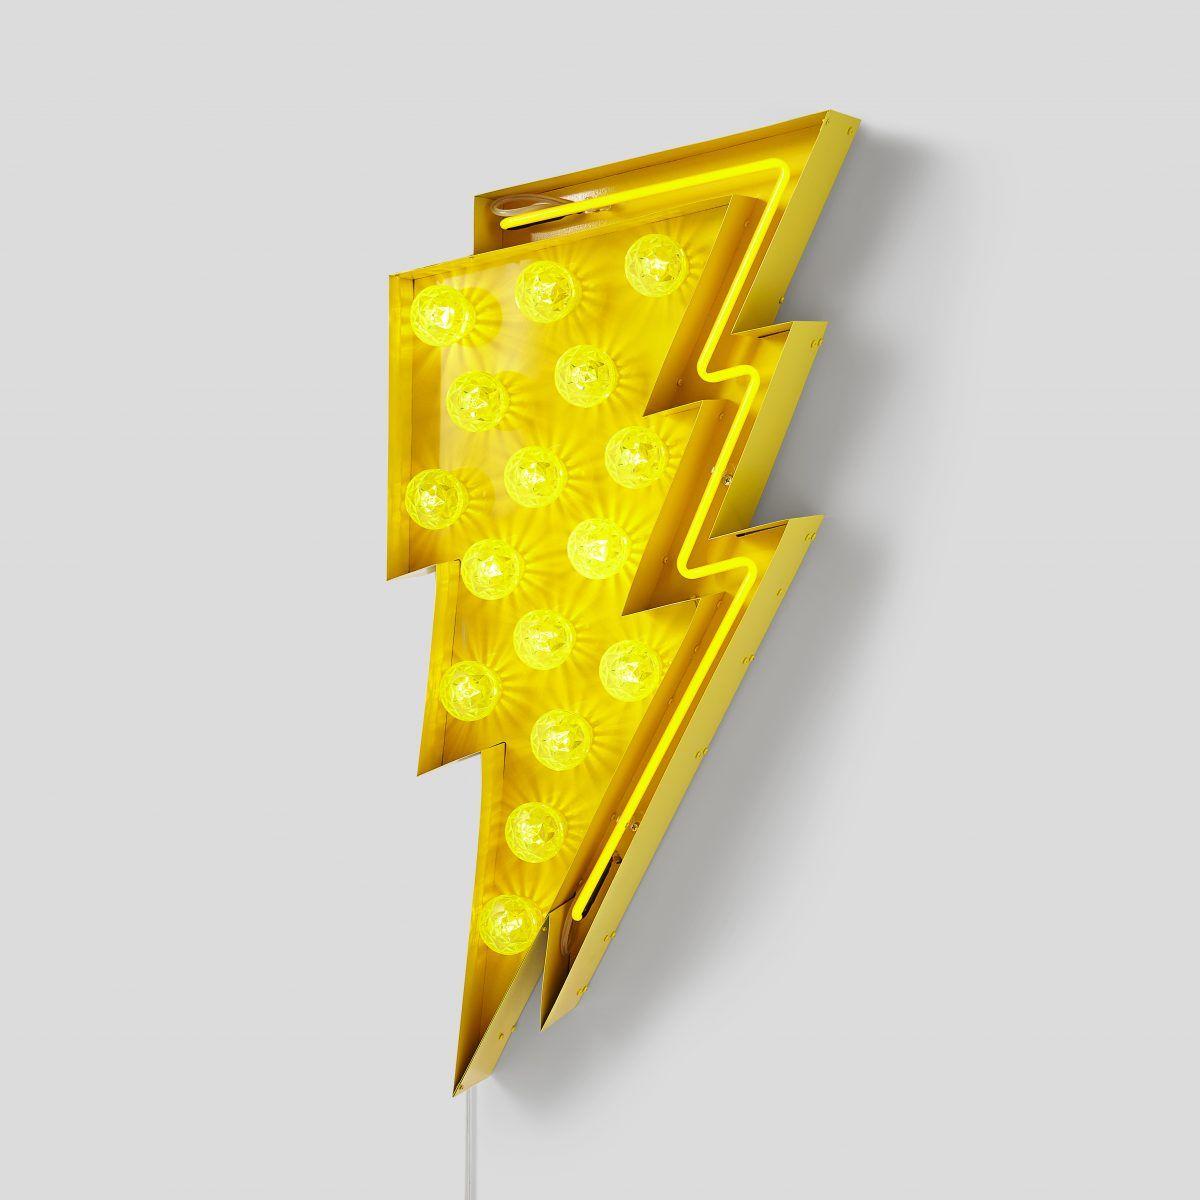 Uderzenie Pioruna Neon Blyskawica Lightning Sign With Bulbs